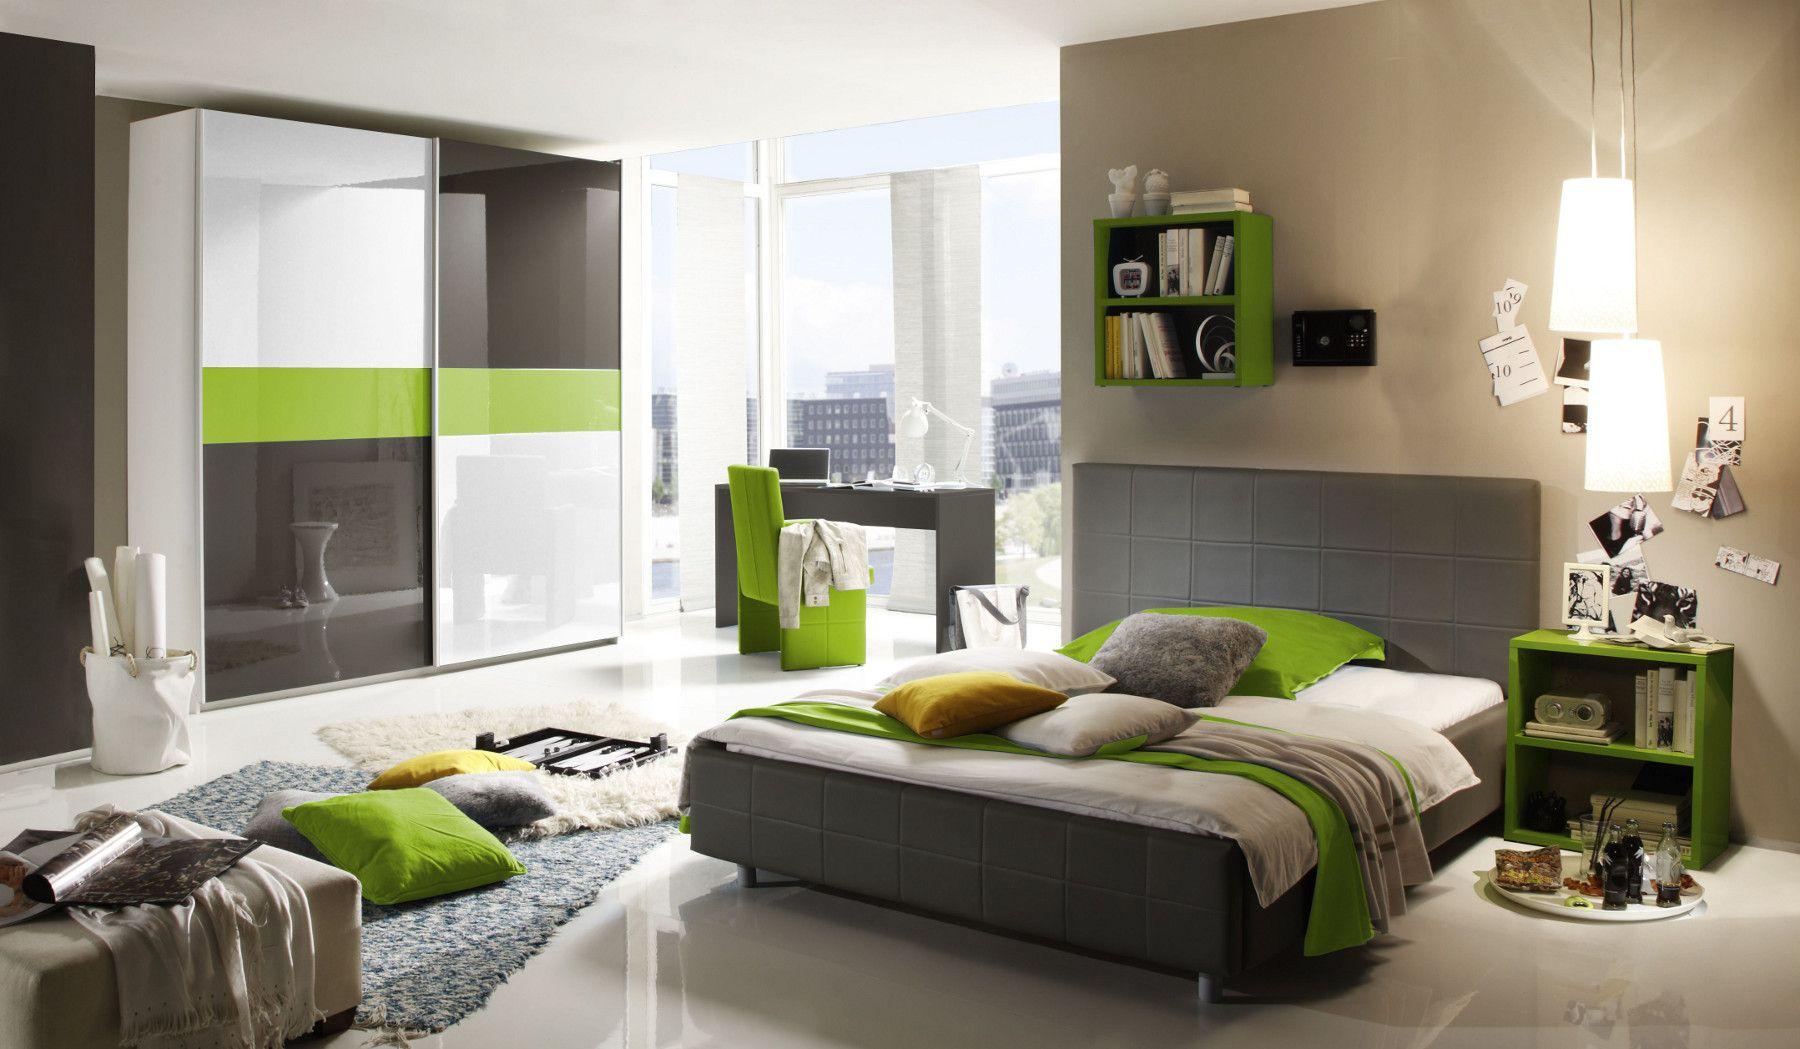 awesome schlafzimmer grun grau #4: schlafzimmer grün grau